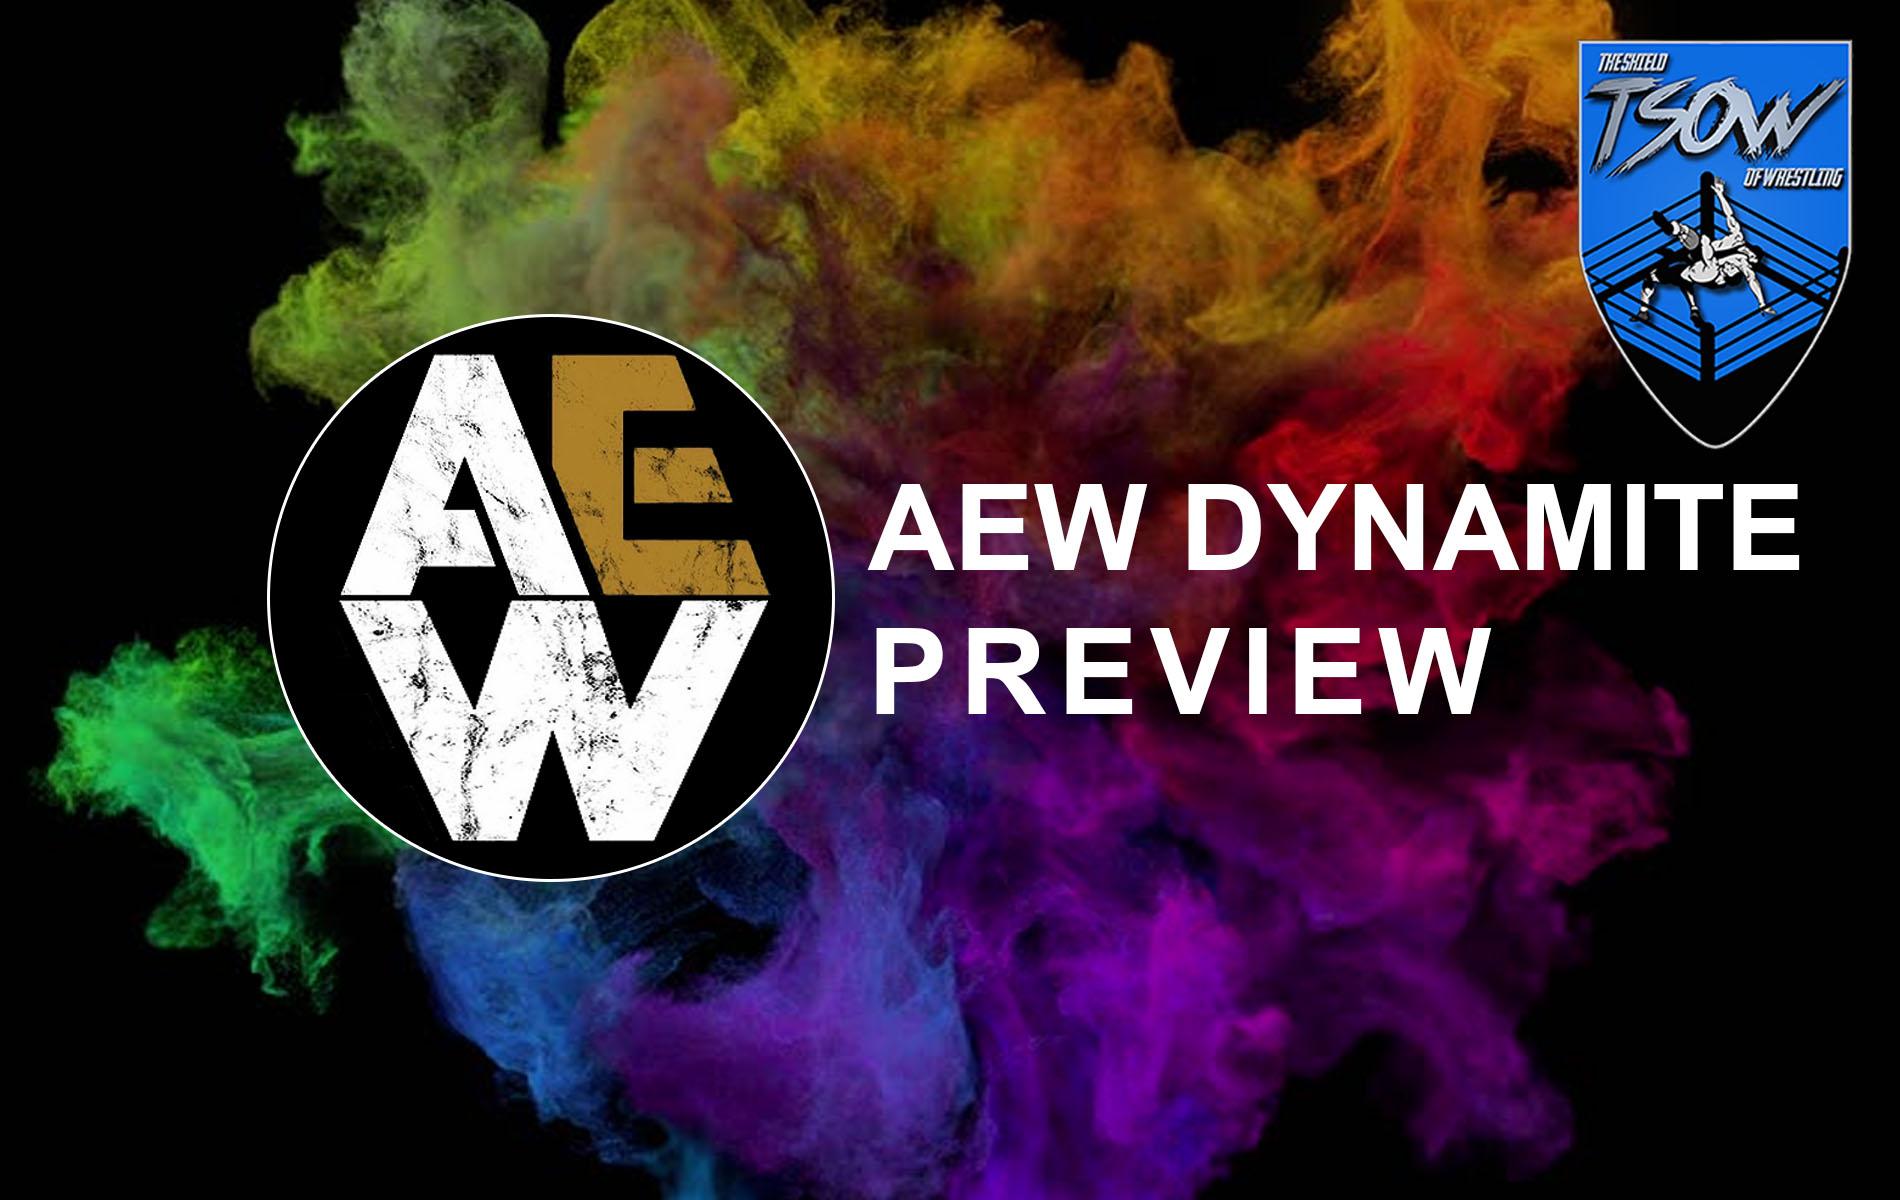 Anteprima AEW Dynamite 7-10-2020